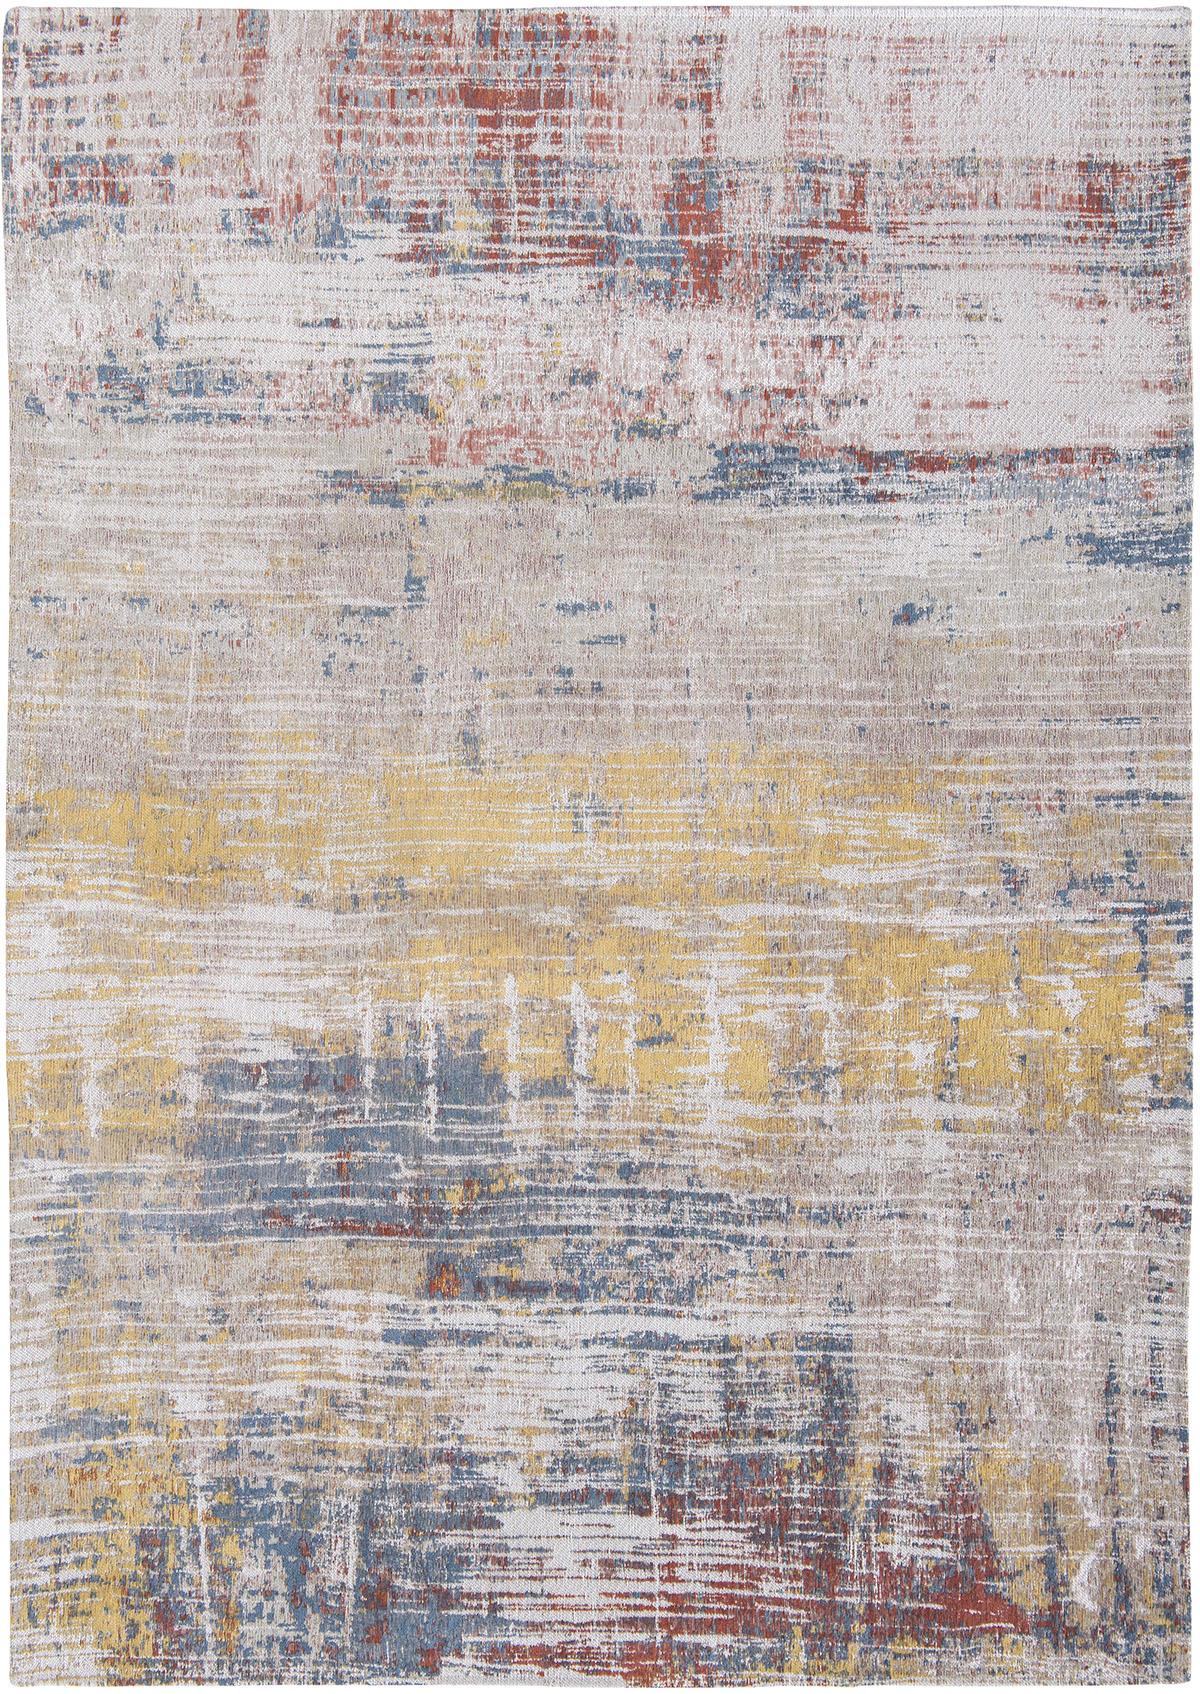 Kolorowy Dywan Nowoczesny - MONTAUK MULTI 8714 - Rozmiar: 280x360 cm